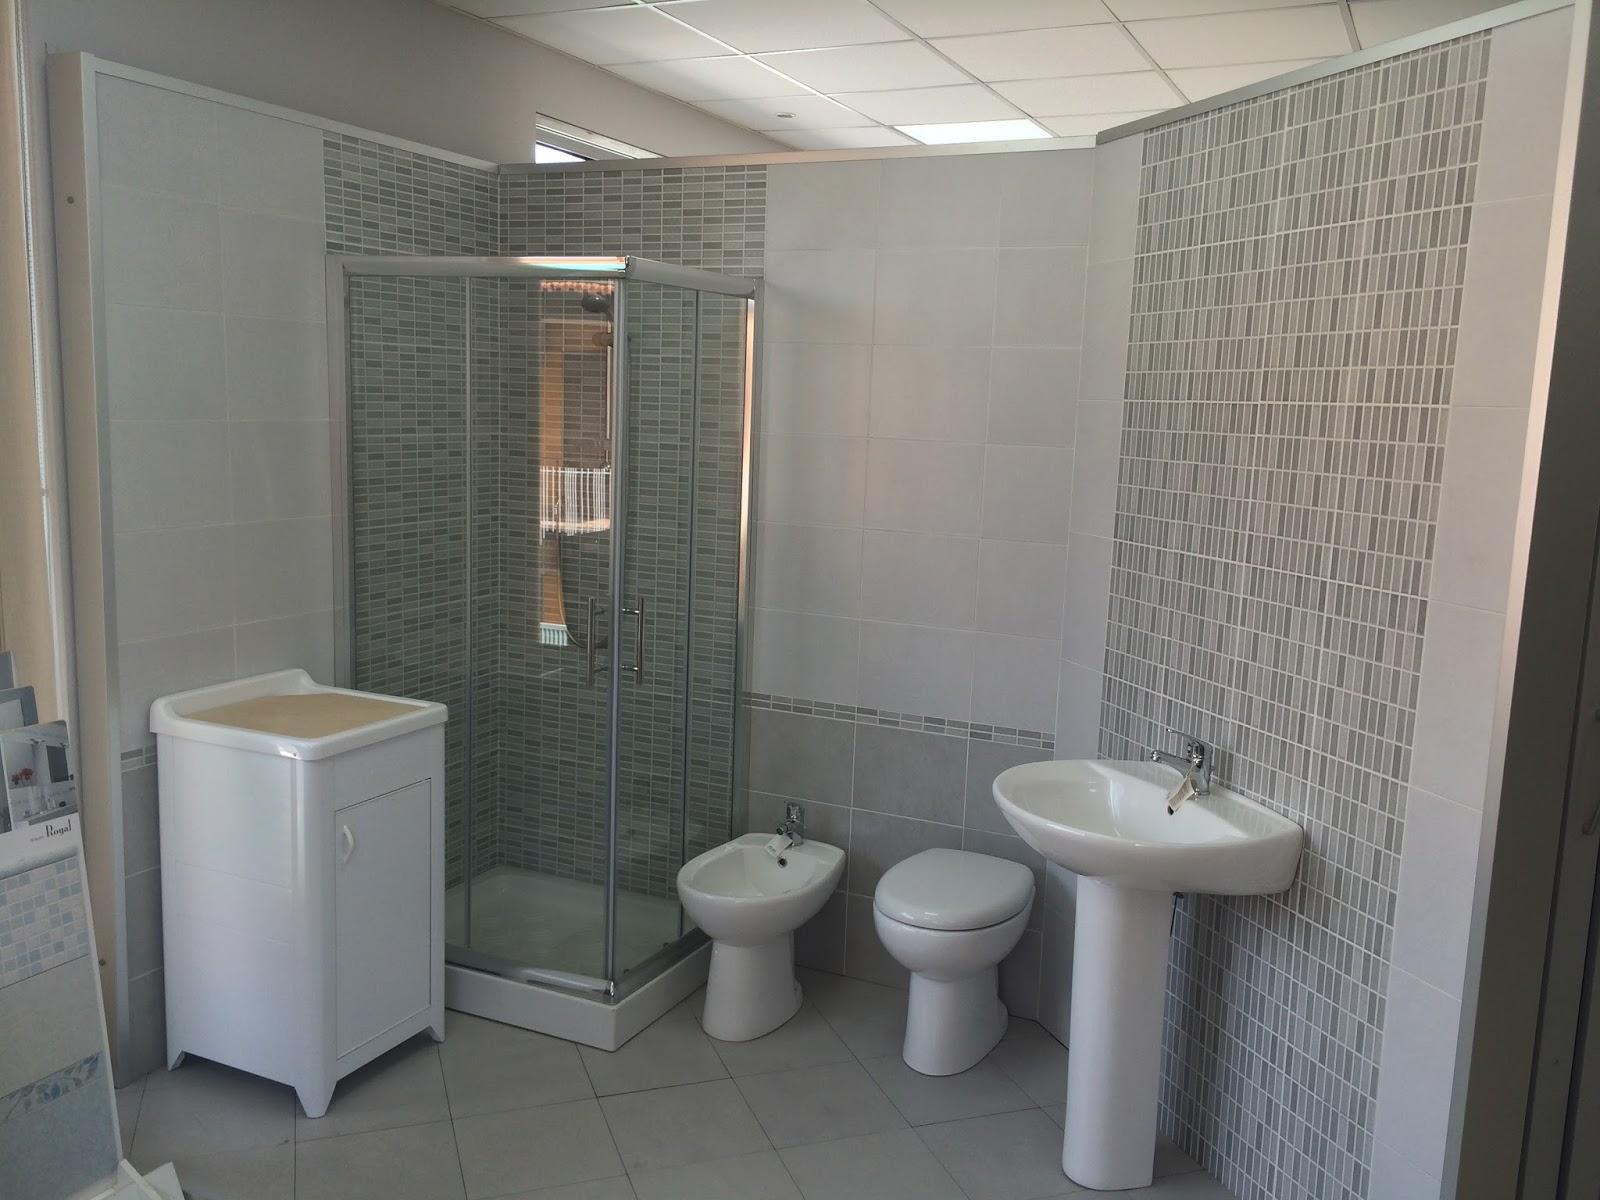 alla mattonella chic offerta bagno completo